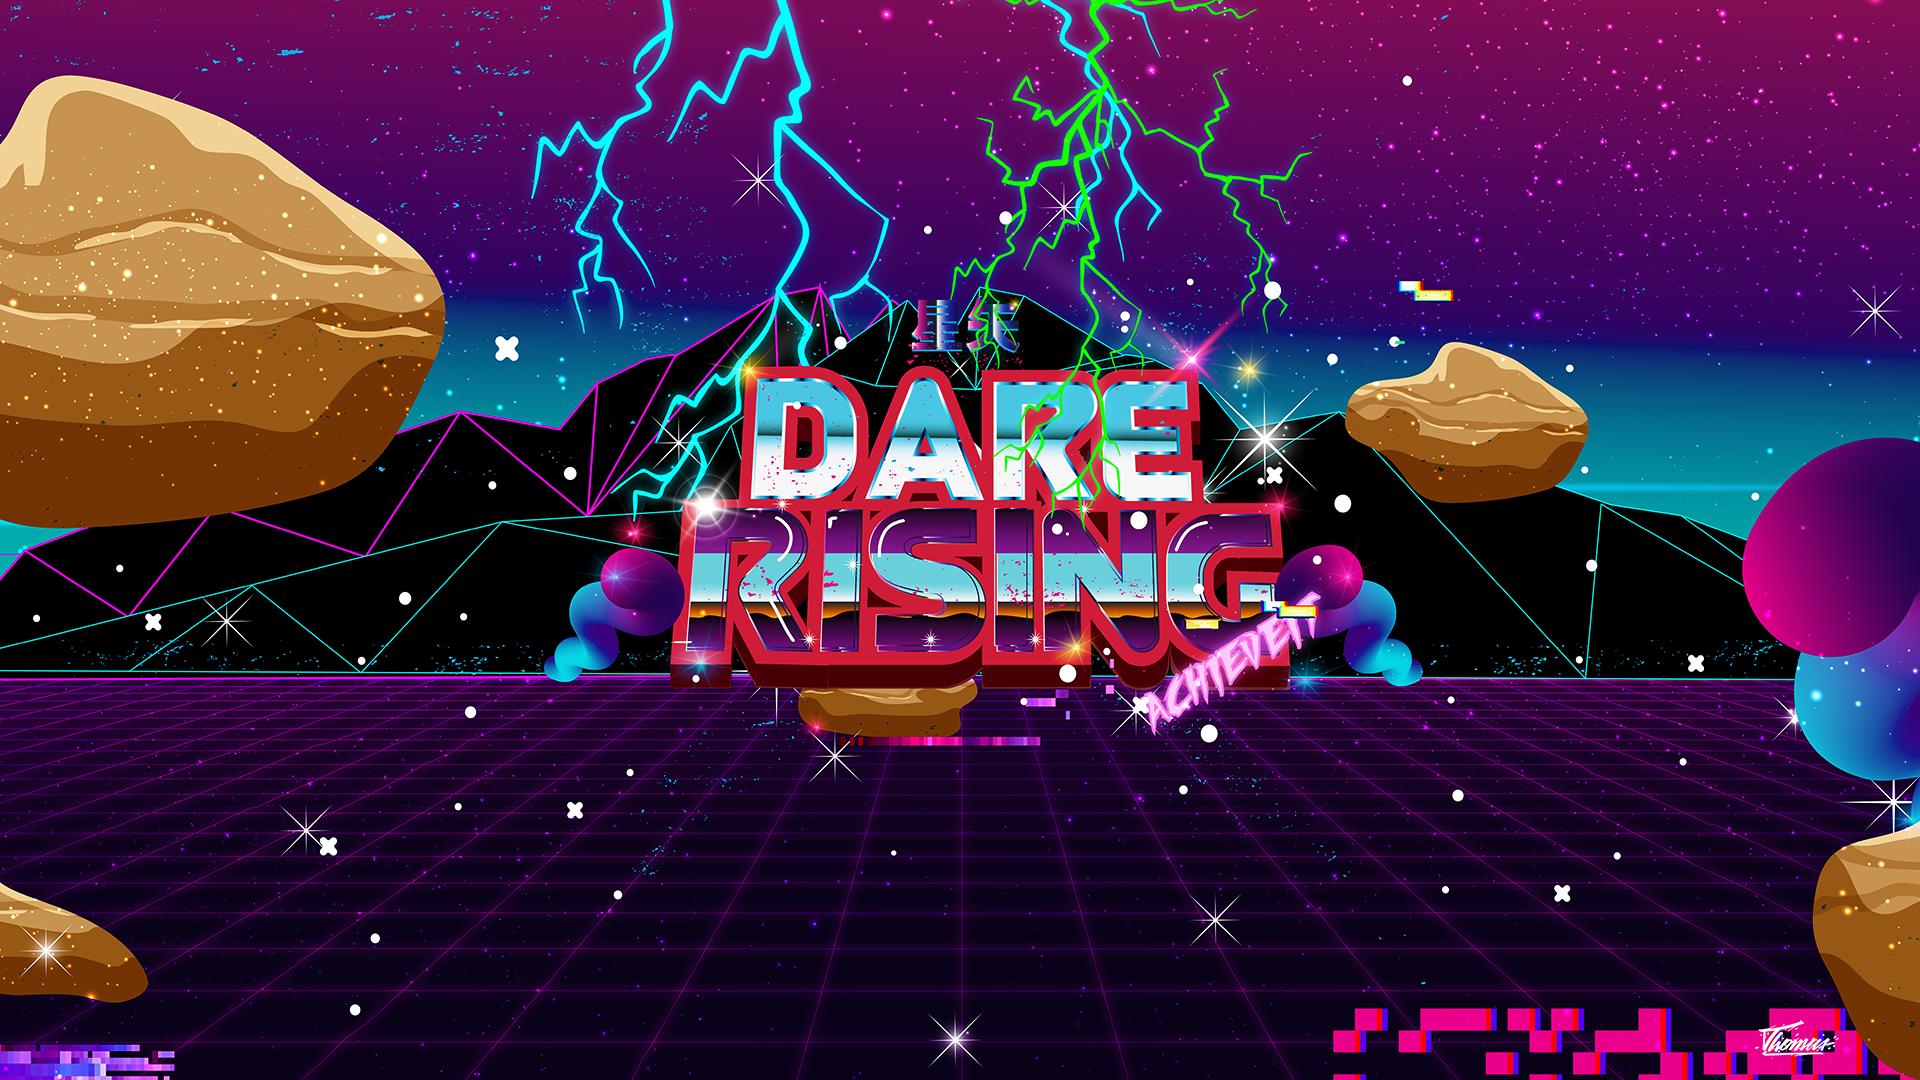 seiyafx - dare rising 80's retro wallpaper